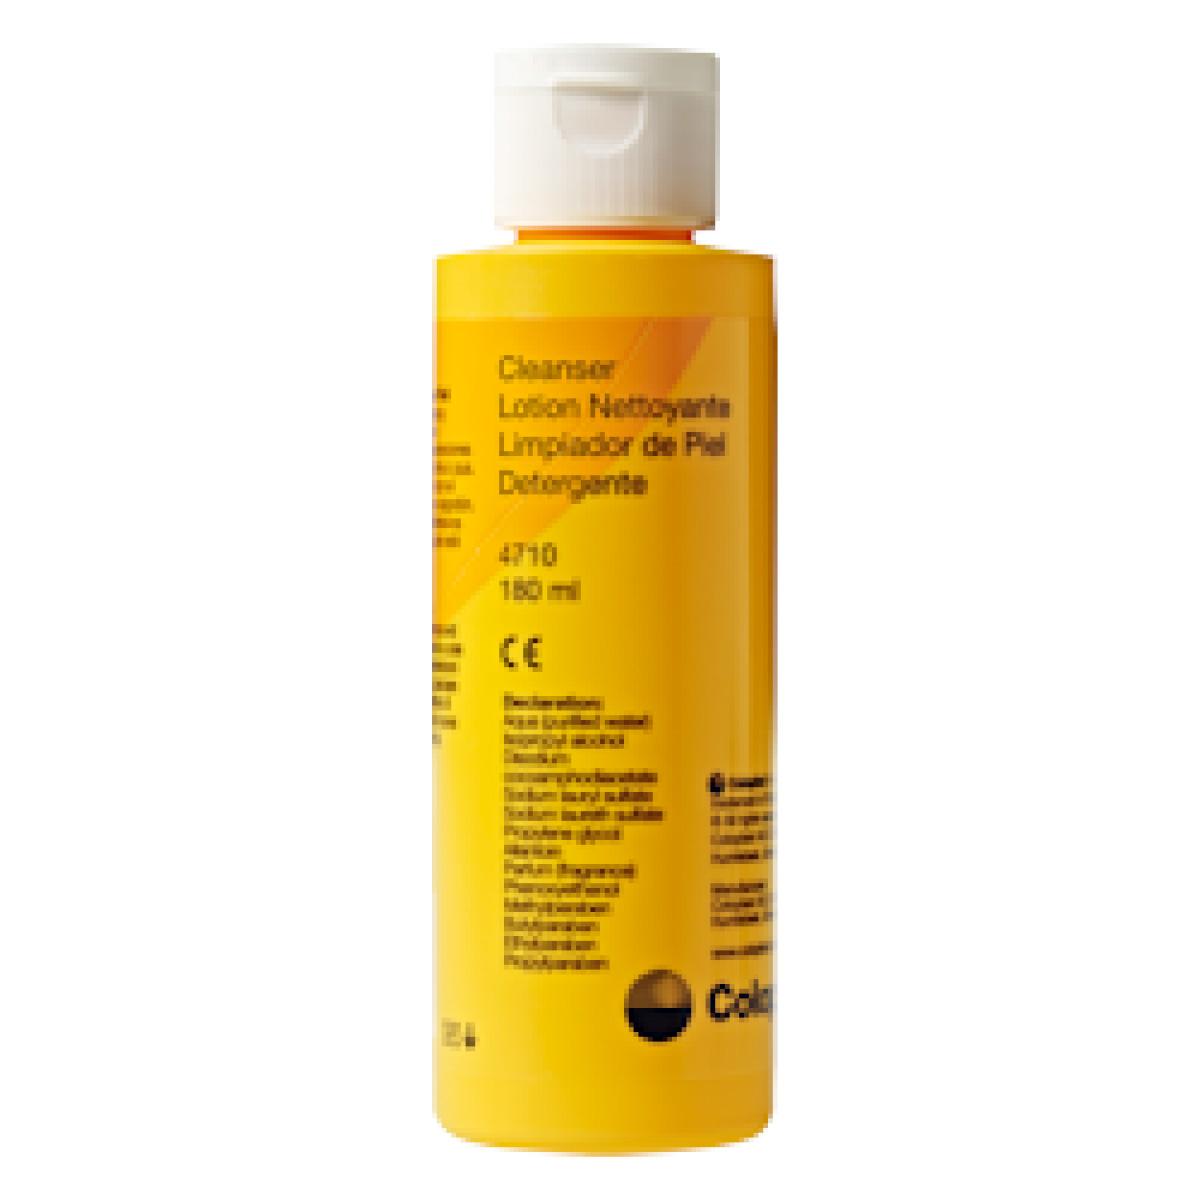 Comfeel Cleanser Limpador de Pele 180ml 4710 - (Coloplast)